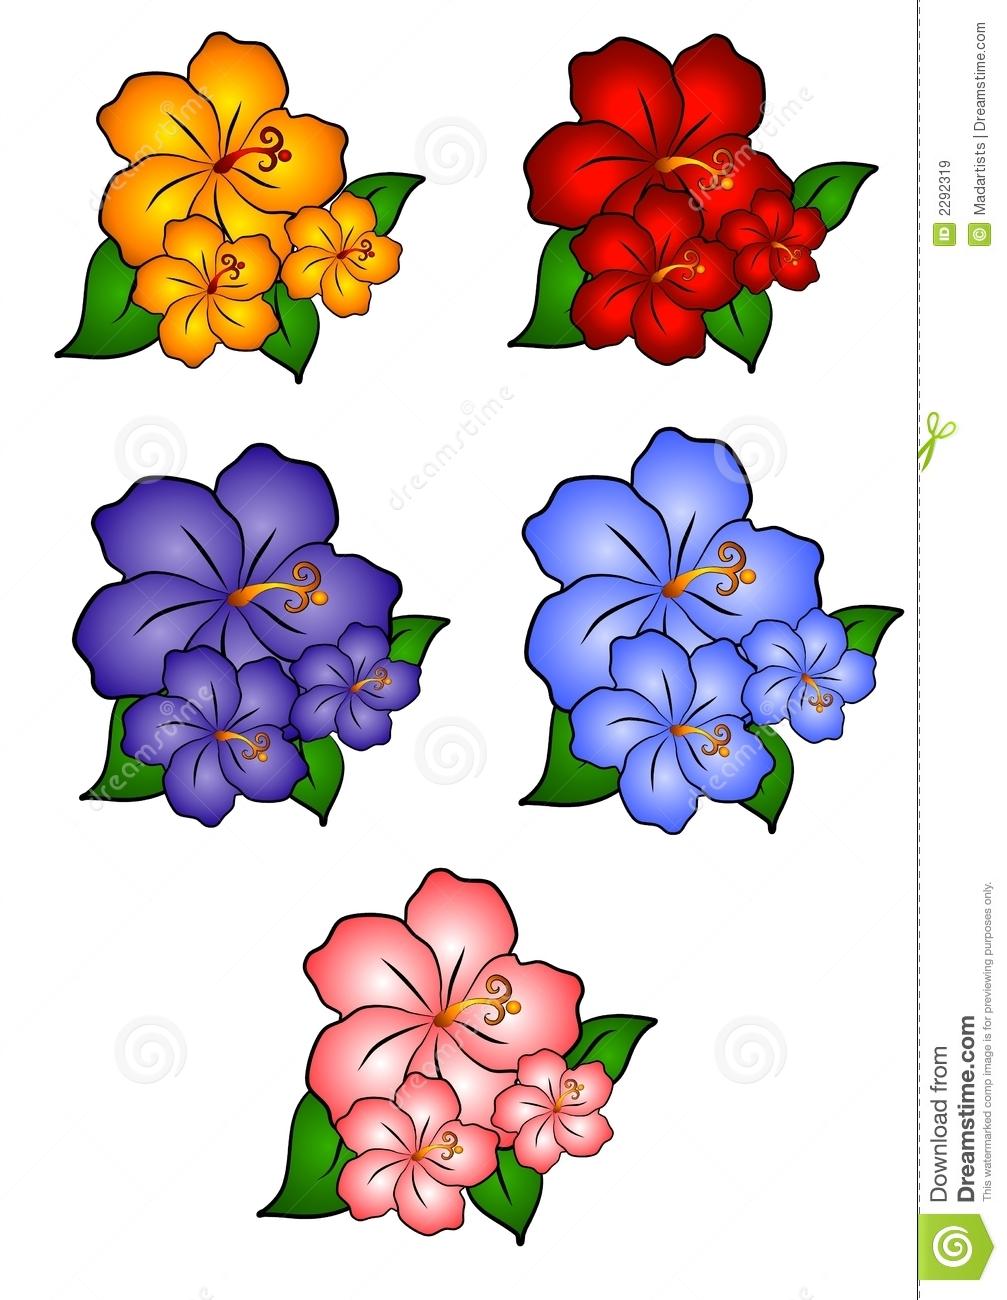 1007x1300 Free Hawaiian Clip Art Images Hawaiian Luau Tiki Flowers Clipart